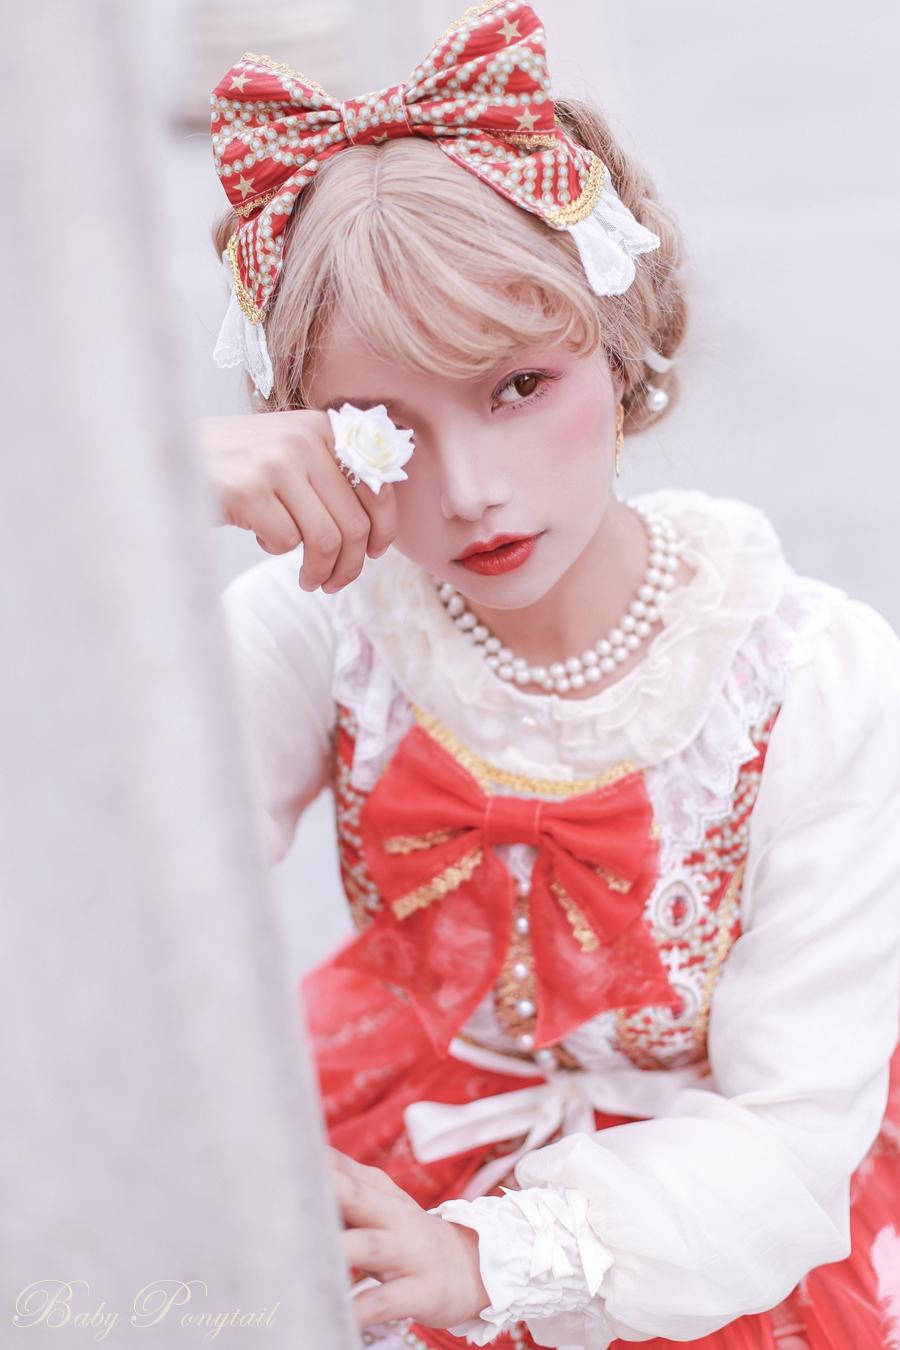 Baby Ponytail Masquerade Ballet Red JSK_谢安然_05.jpg